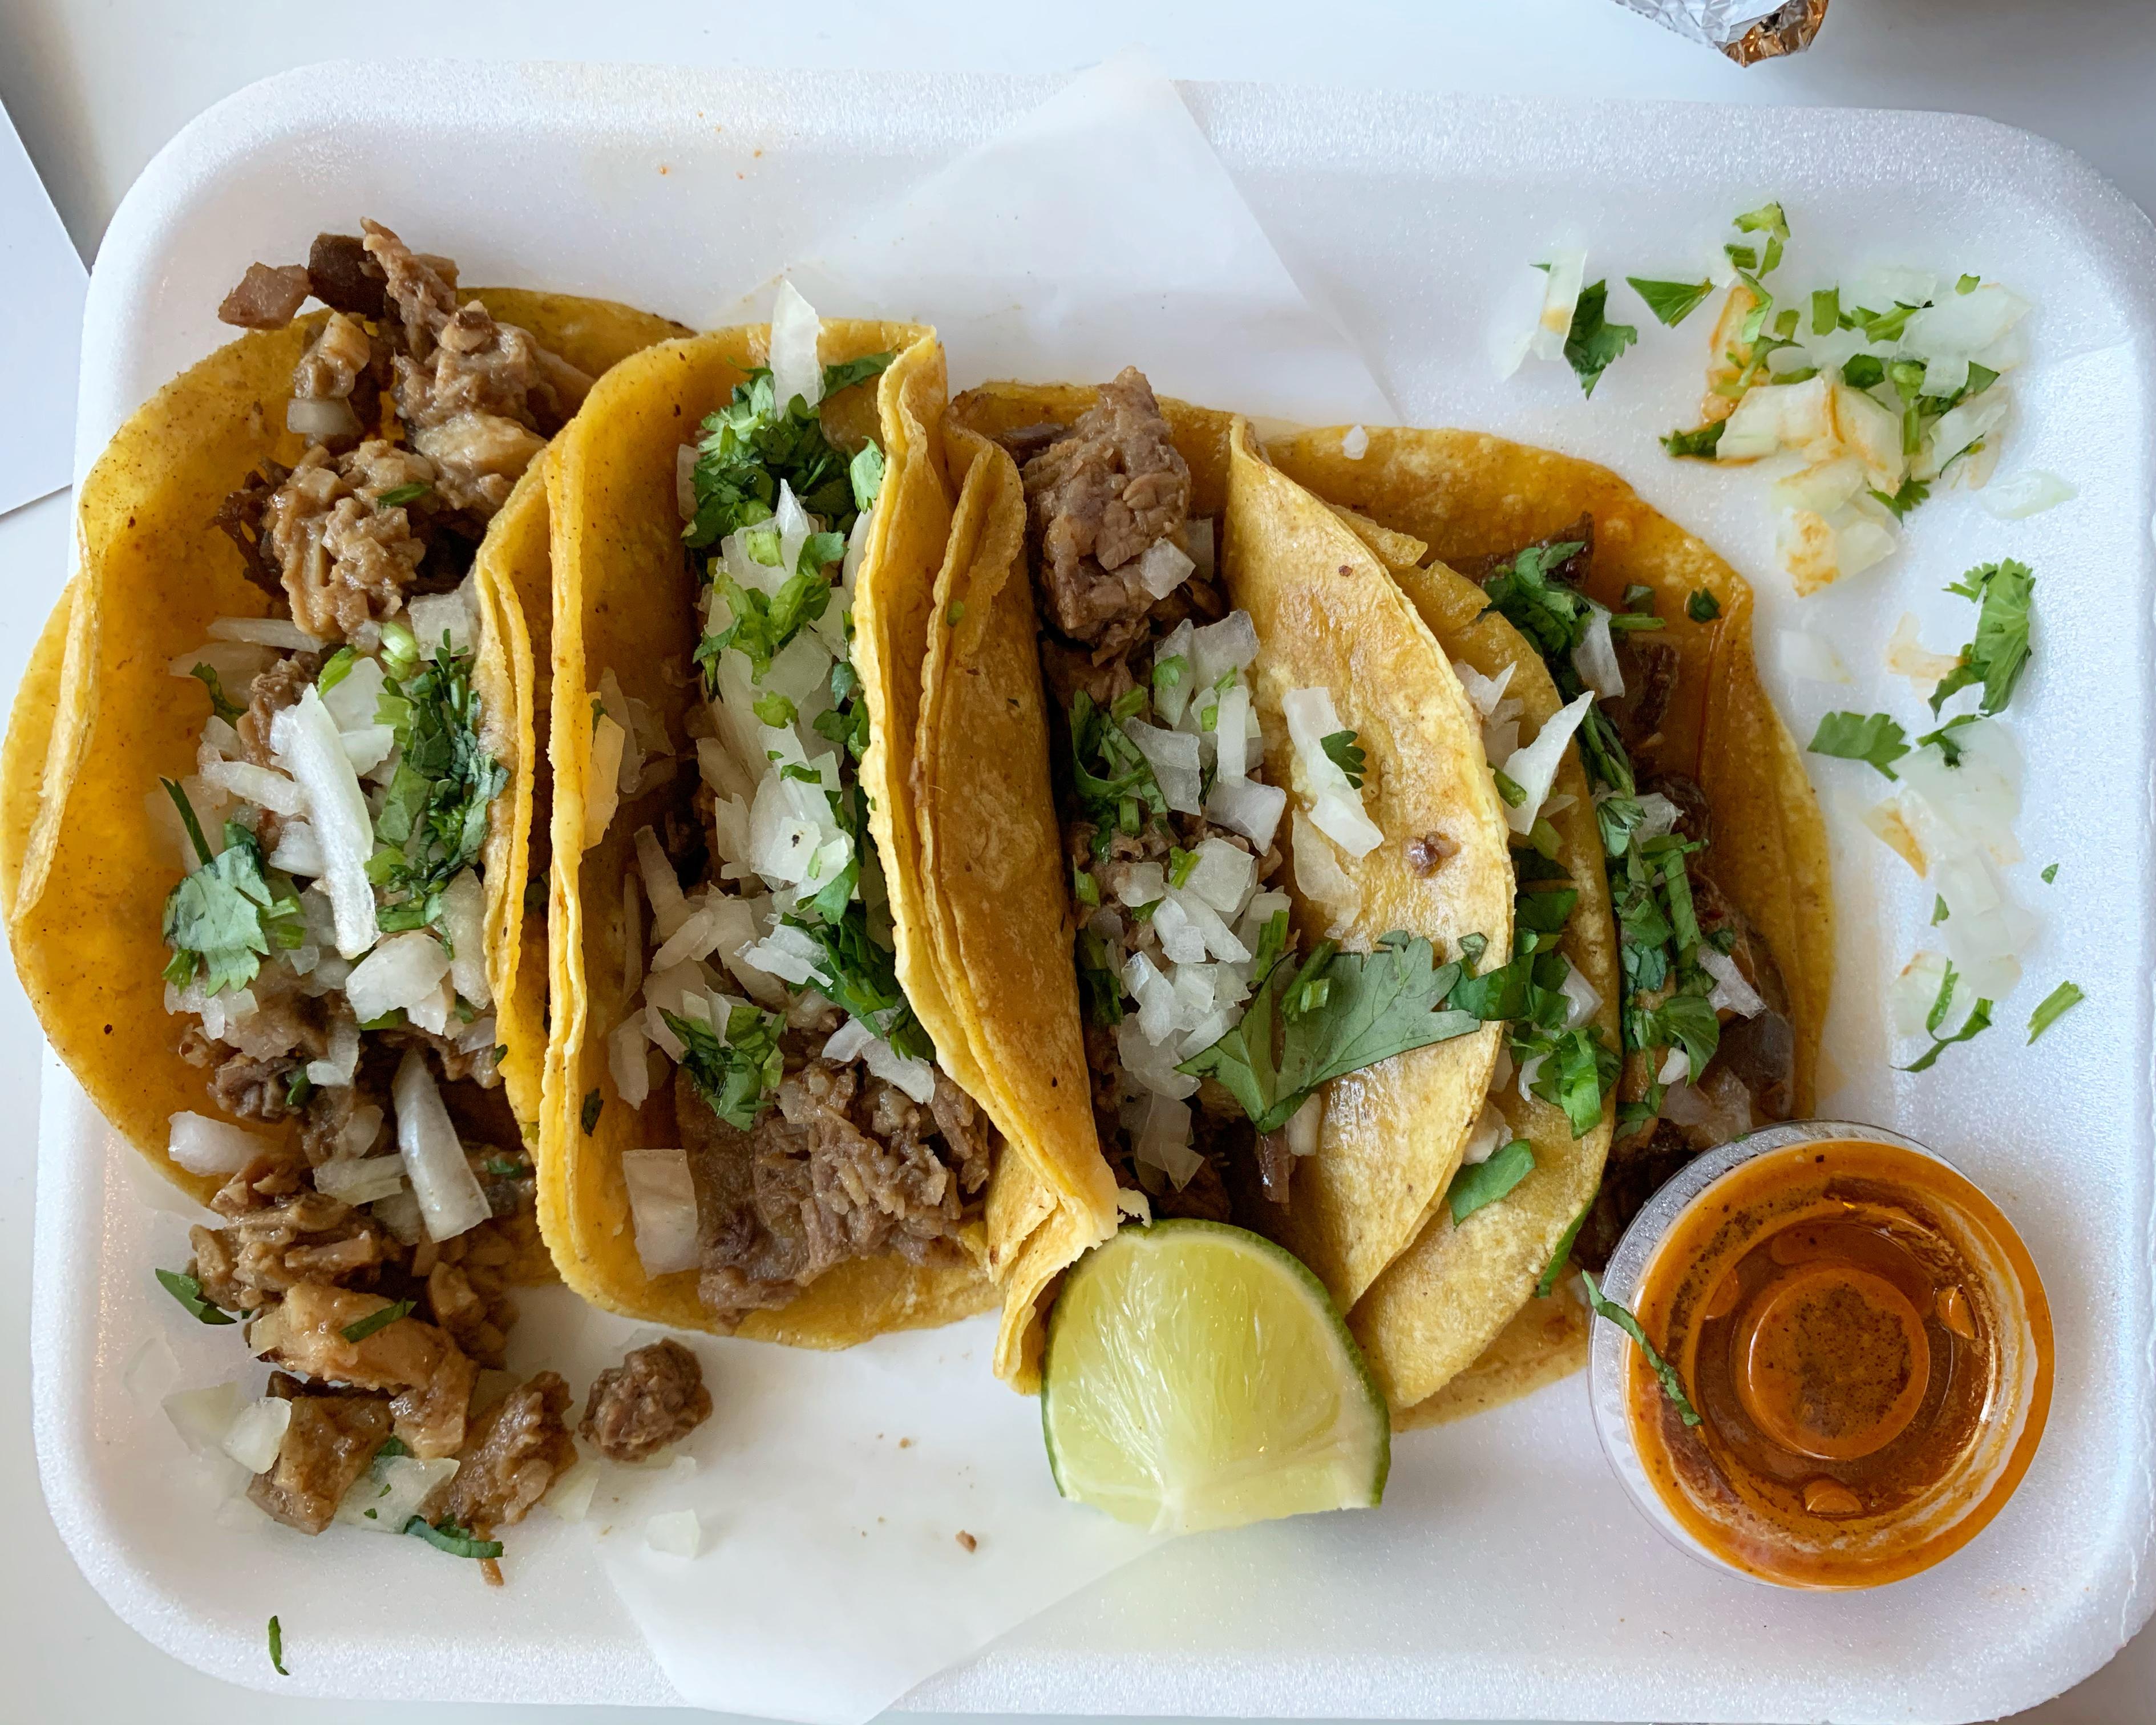 Tacos from Cuantos Tacos